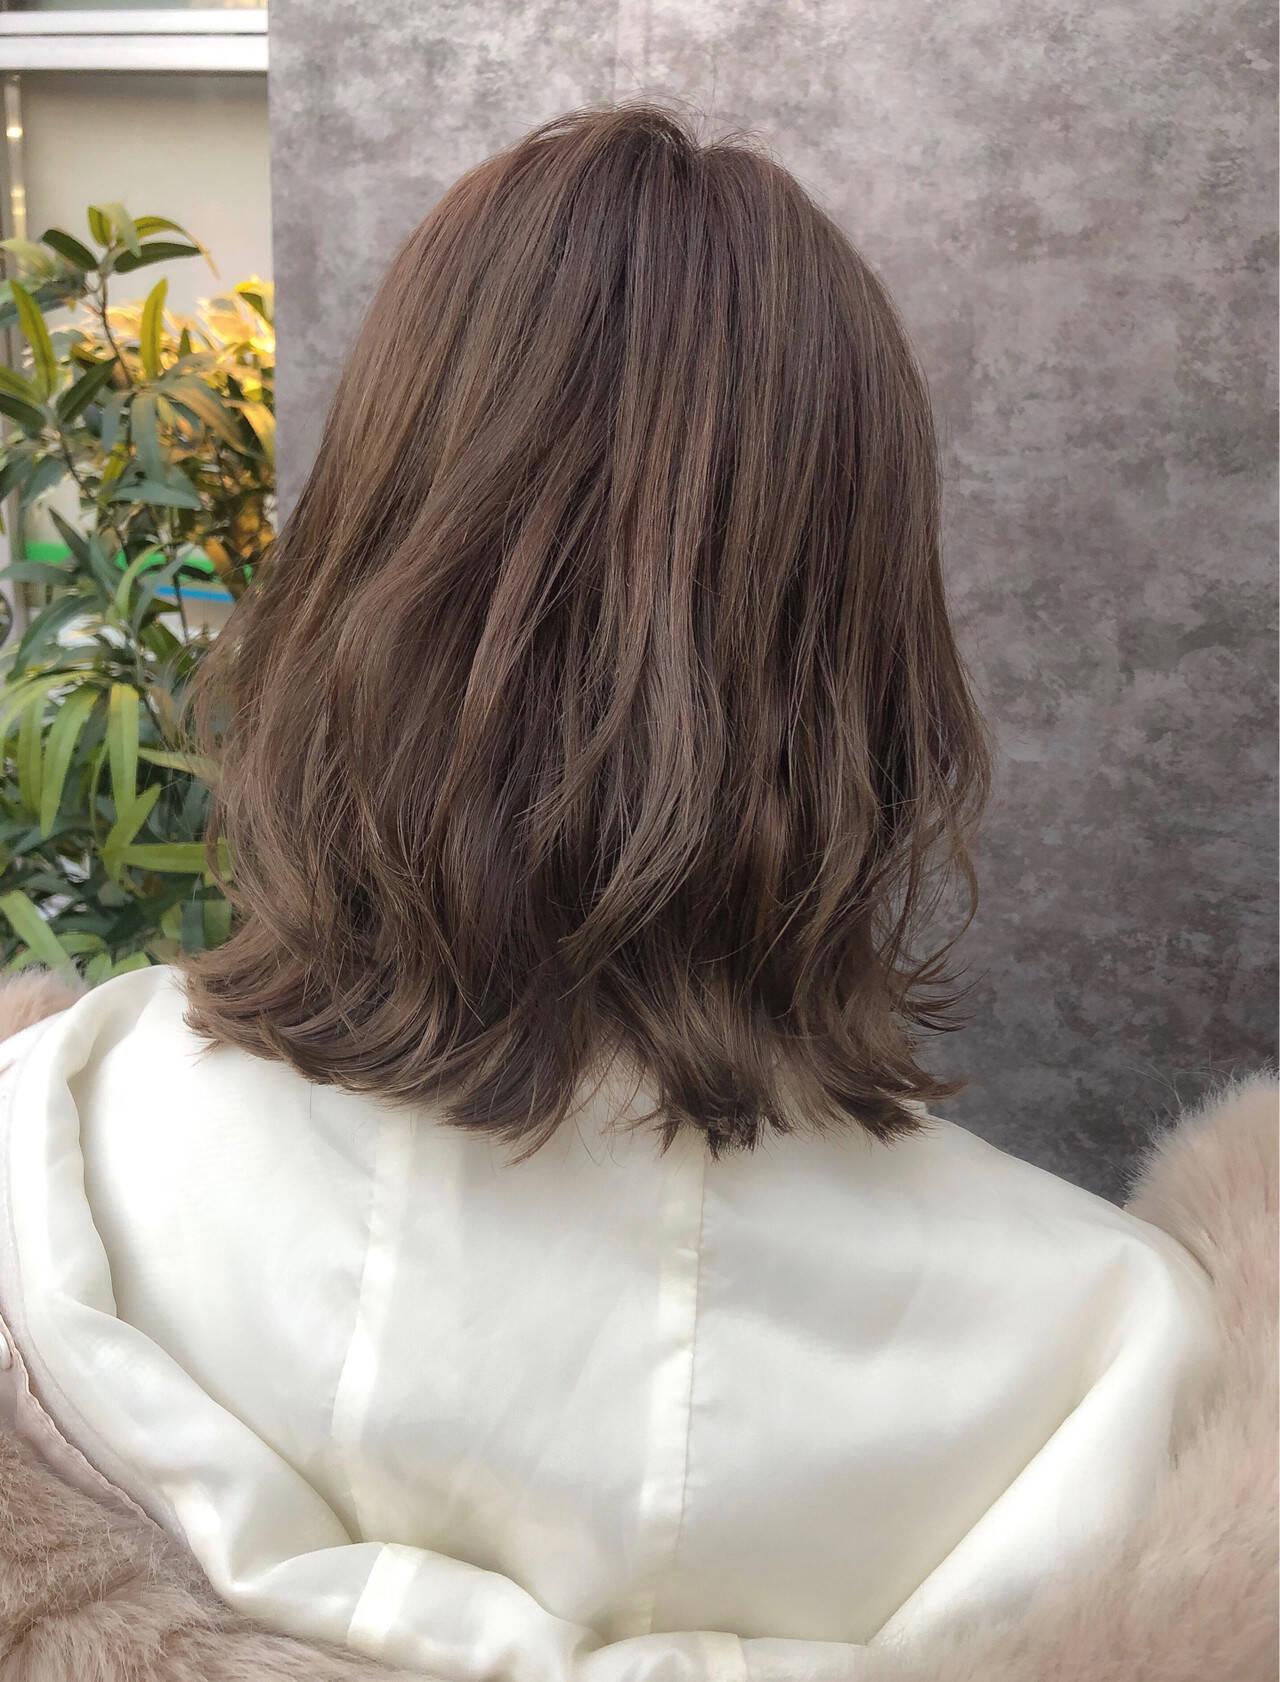 ナチュラル ミディアム アッシュベージュ ミルクティーベージュヘアスタイルや髪型の写真・画像